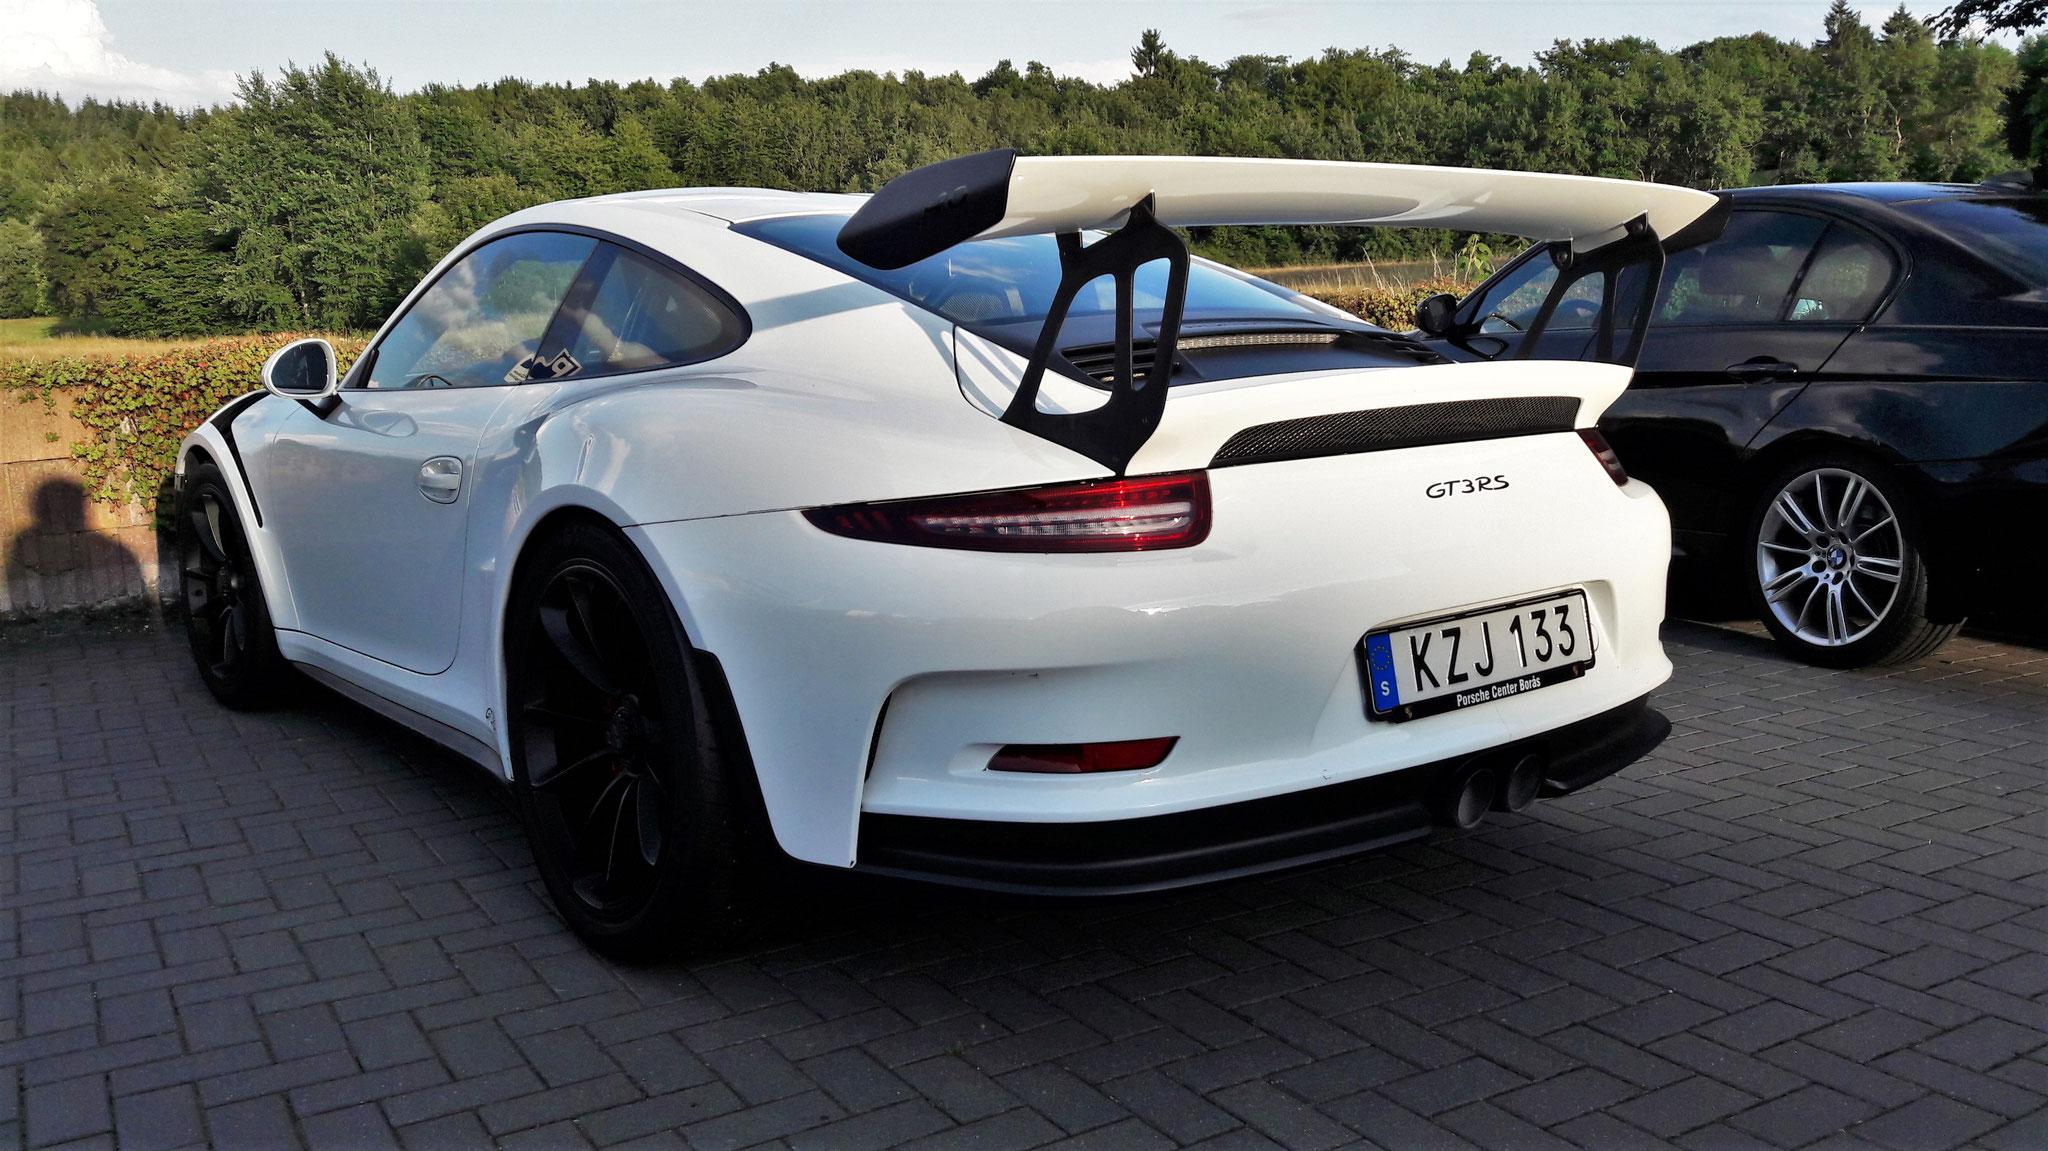 Porsche 911 GT3 RS - KZJ-133 (SWE)